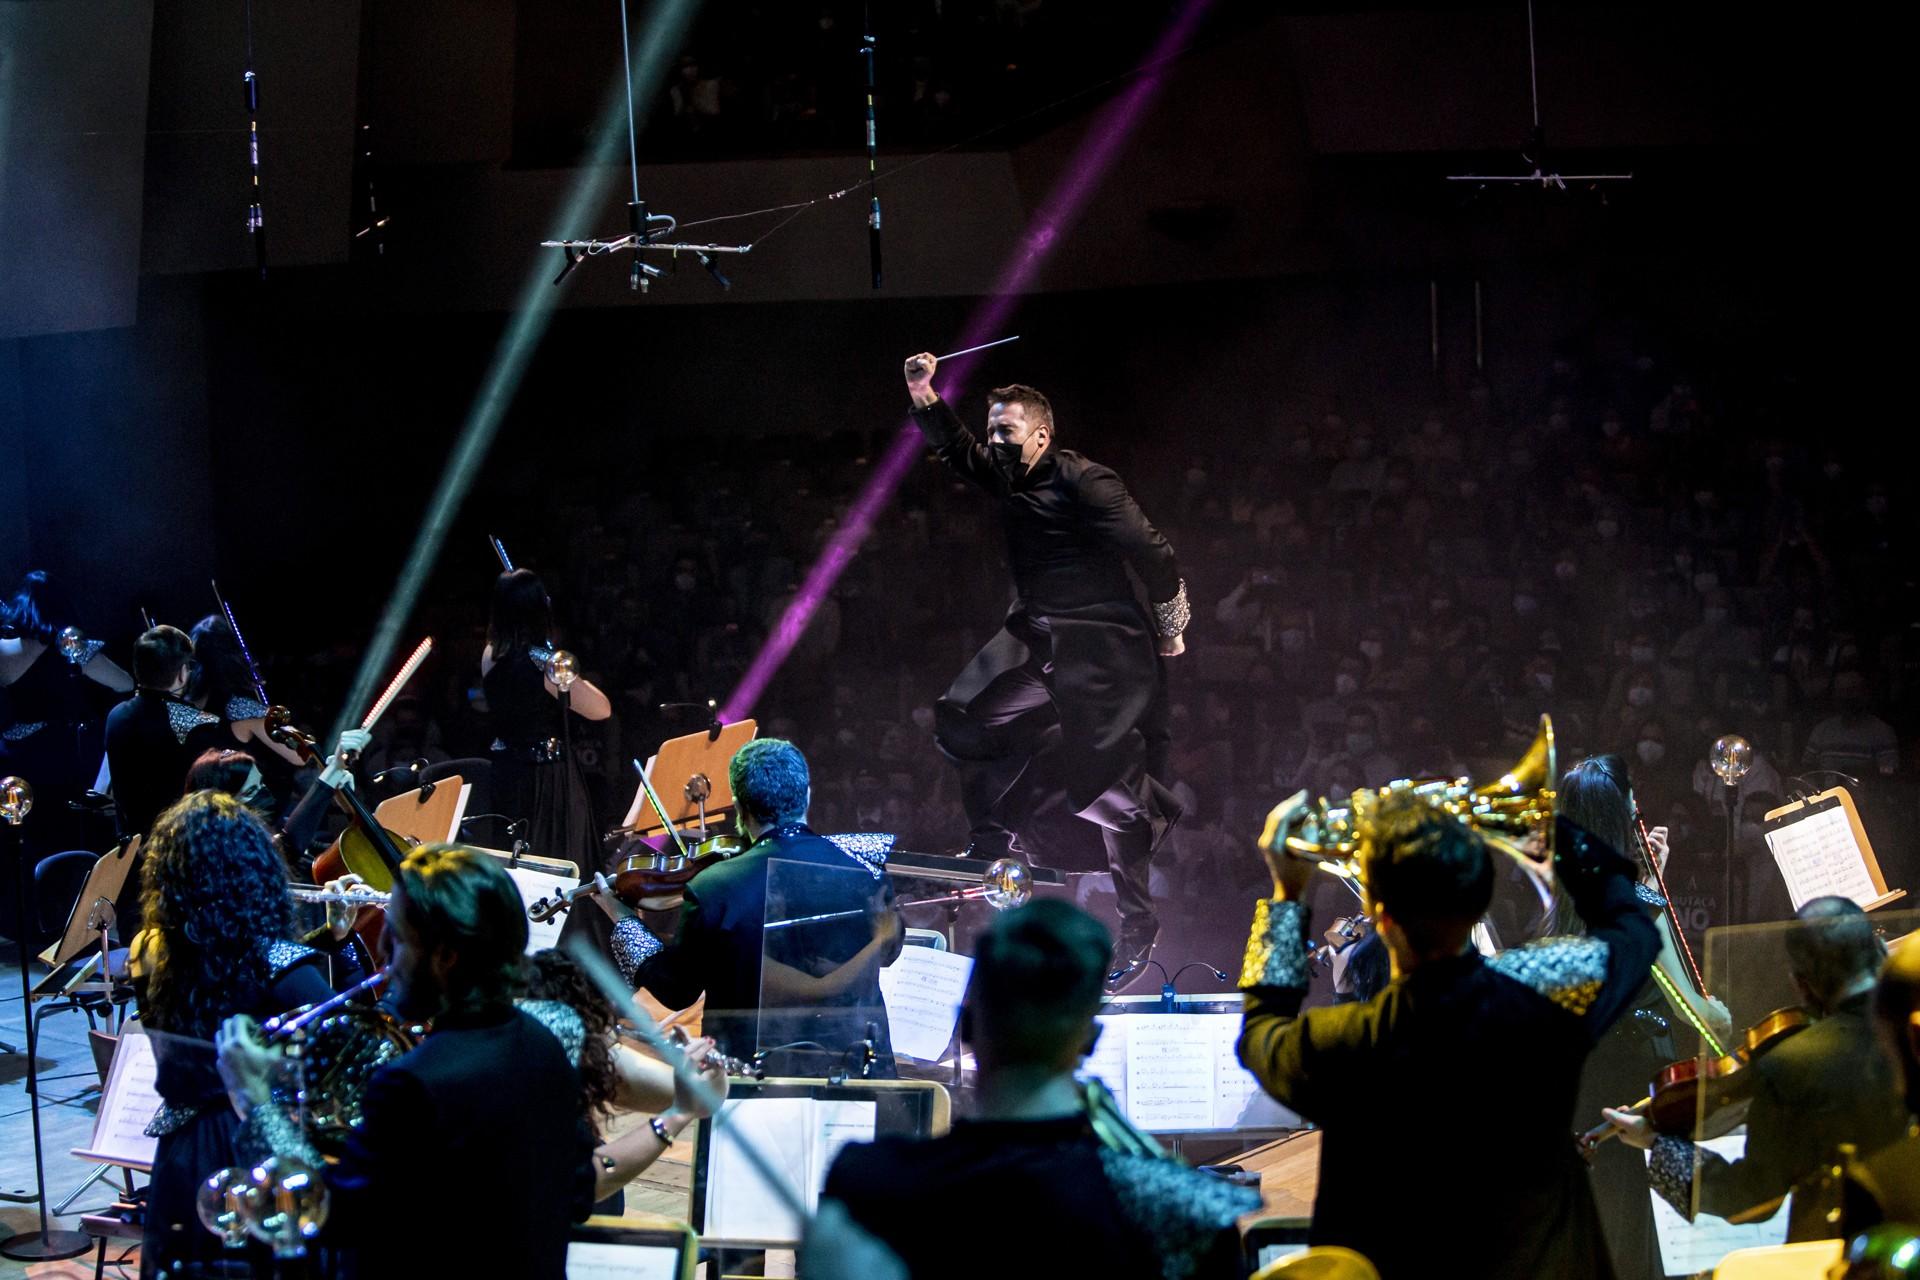 Film Symphony Orchestra: una experiencia única a través de la música y el cine, participa en nuestro sorteo